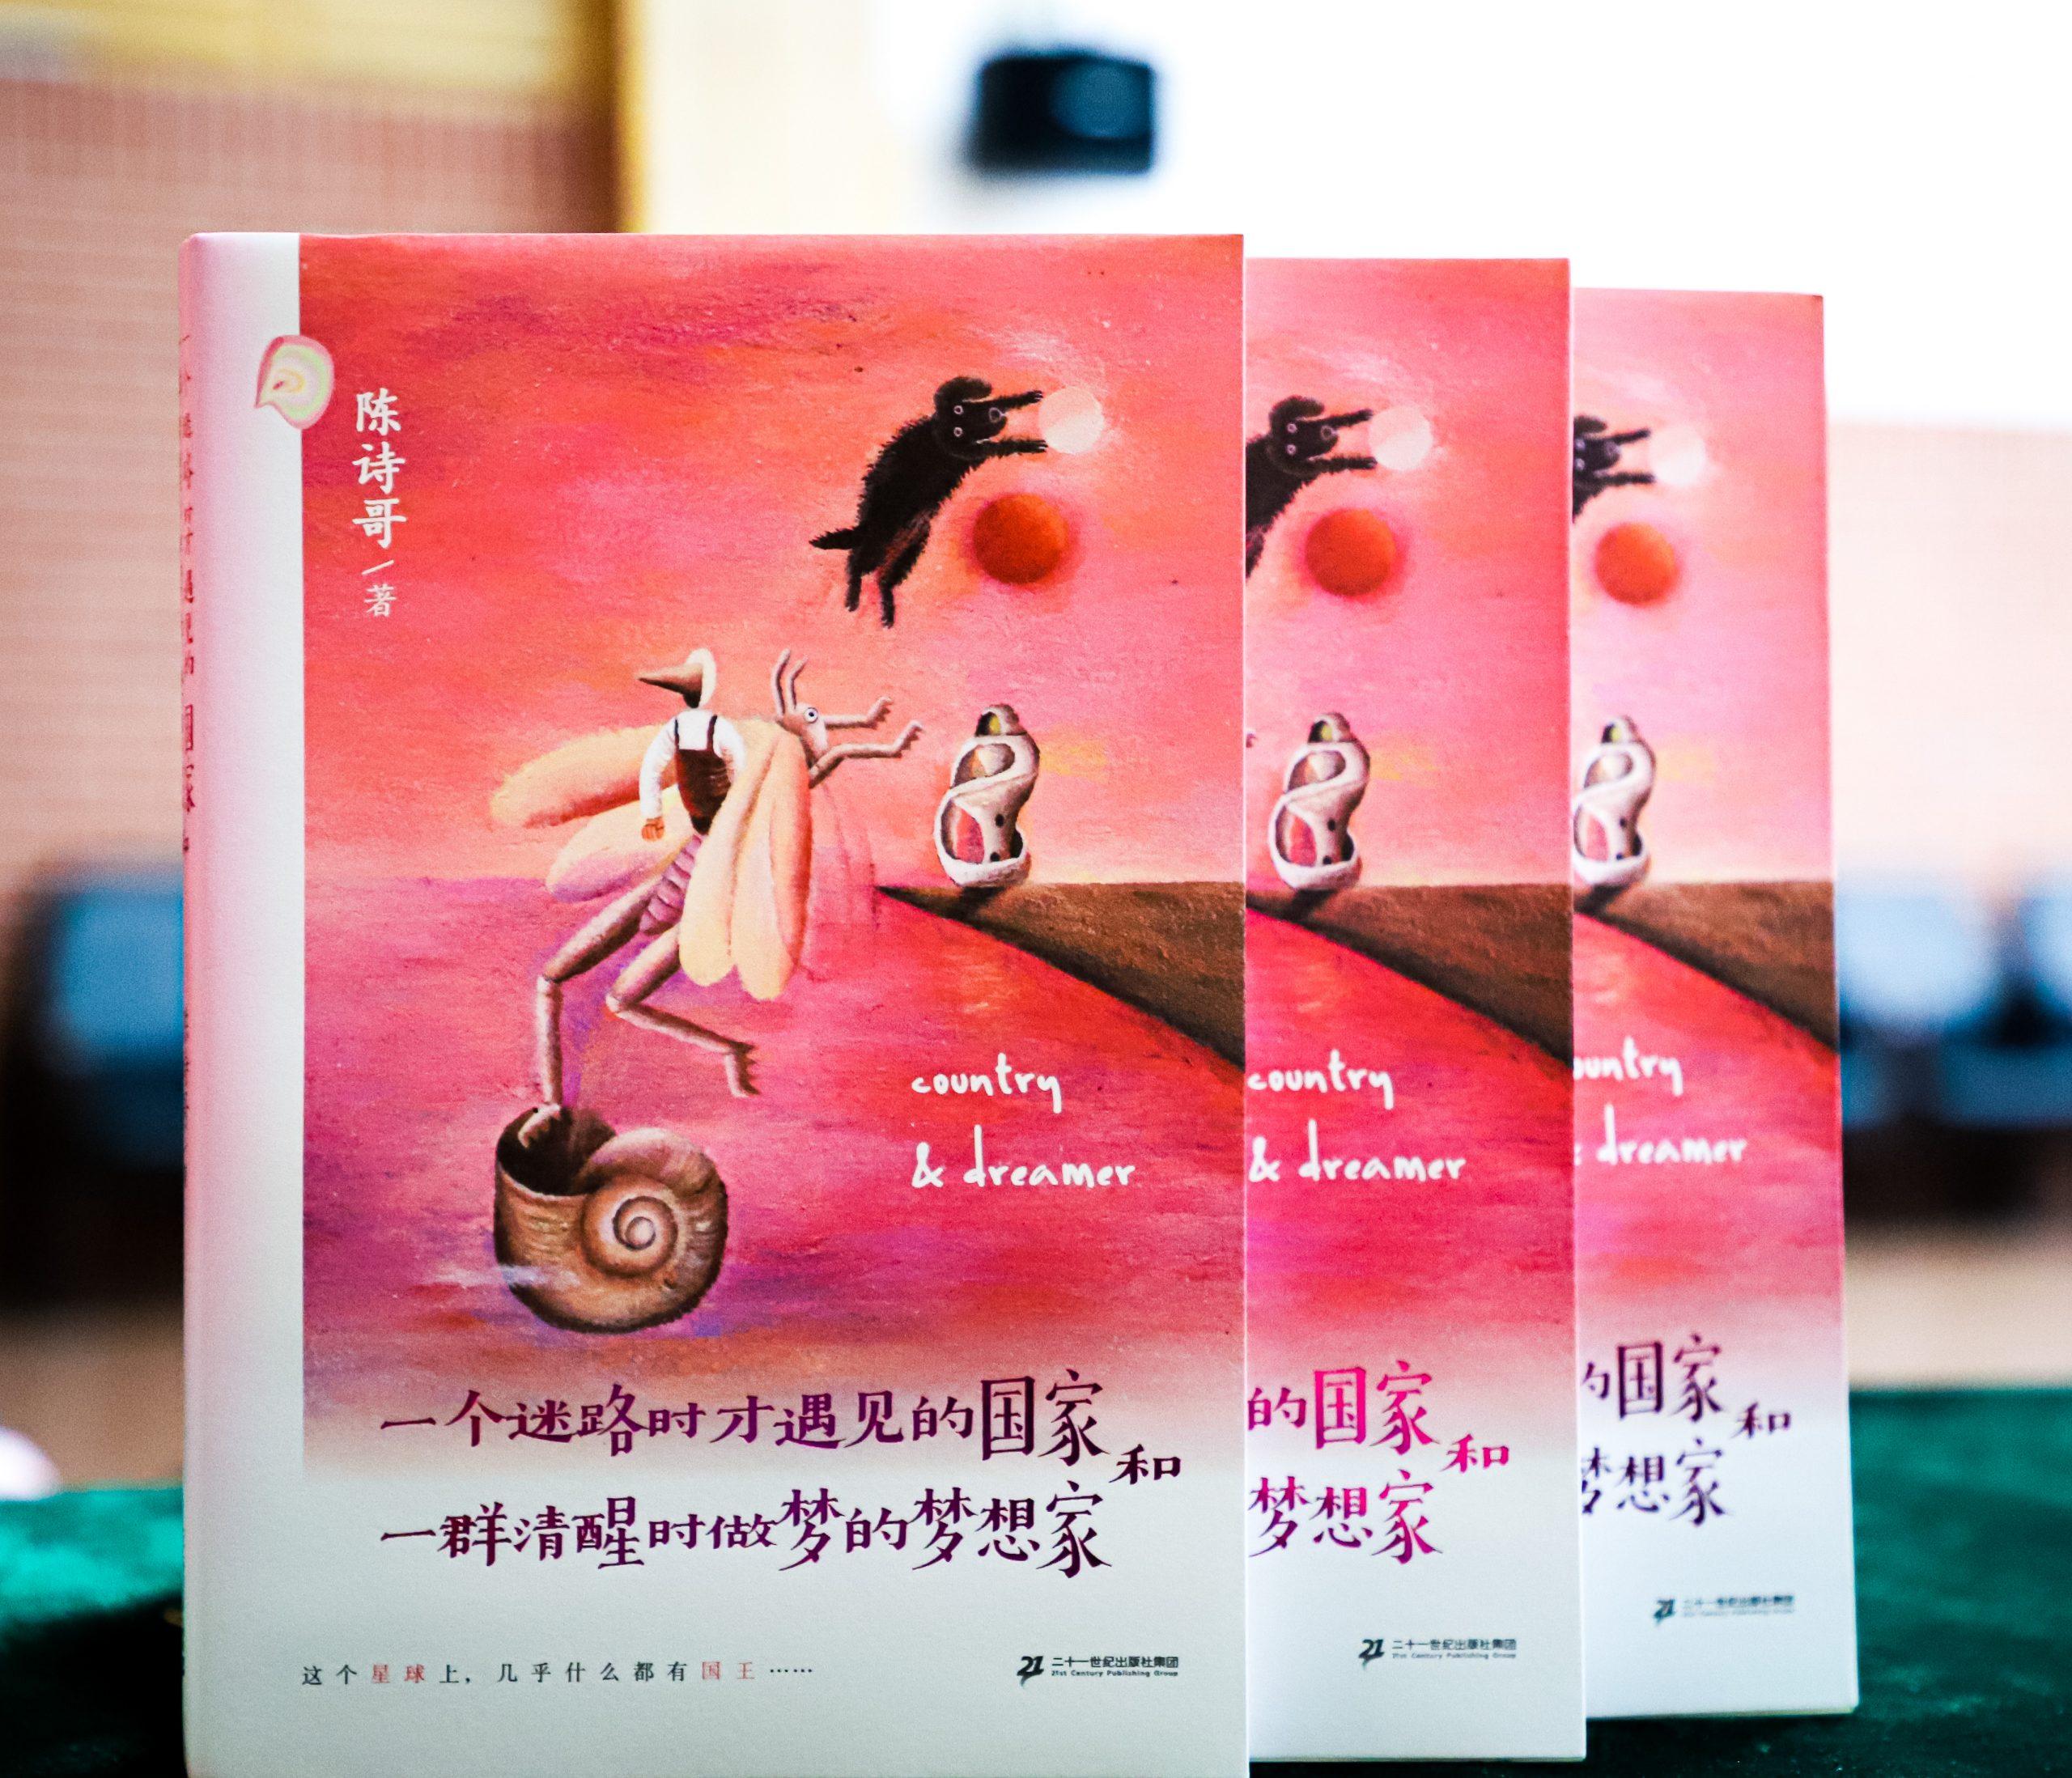 走进陈诗哥的童话国—— 《一个迷路时才遇见的国家和一群清醒时做梦的梦想家》研讨会在京举办